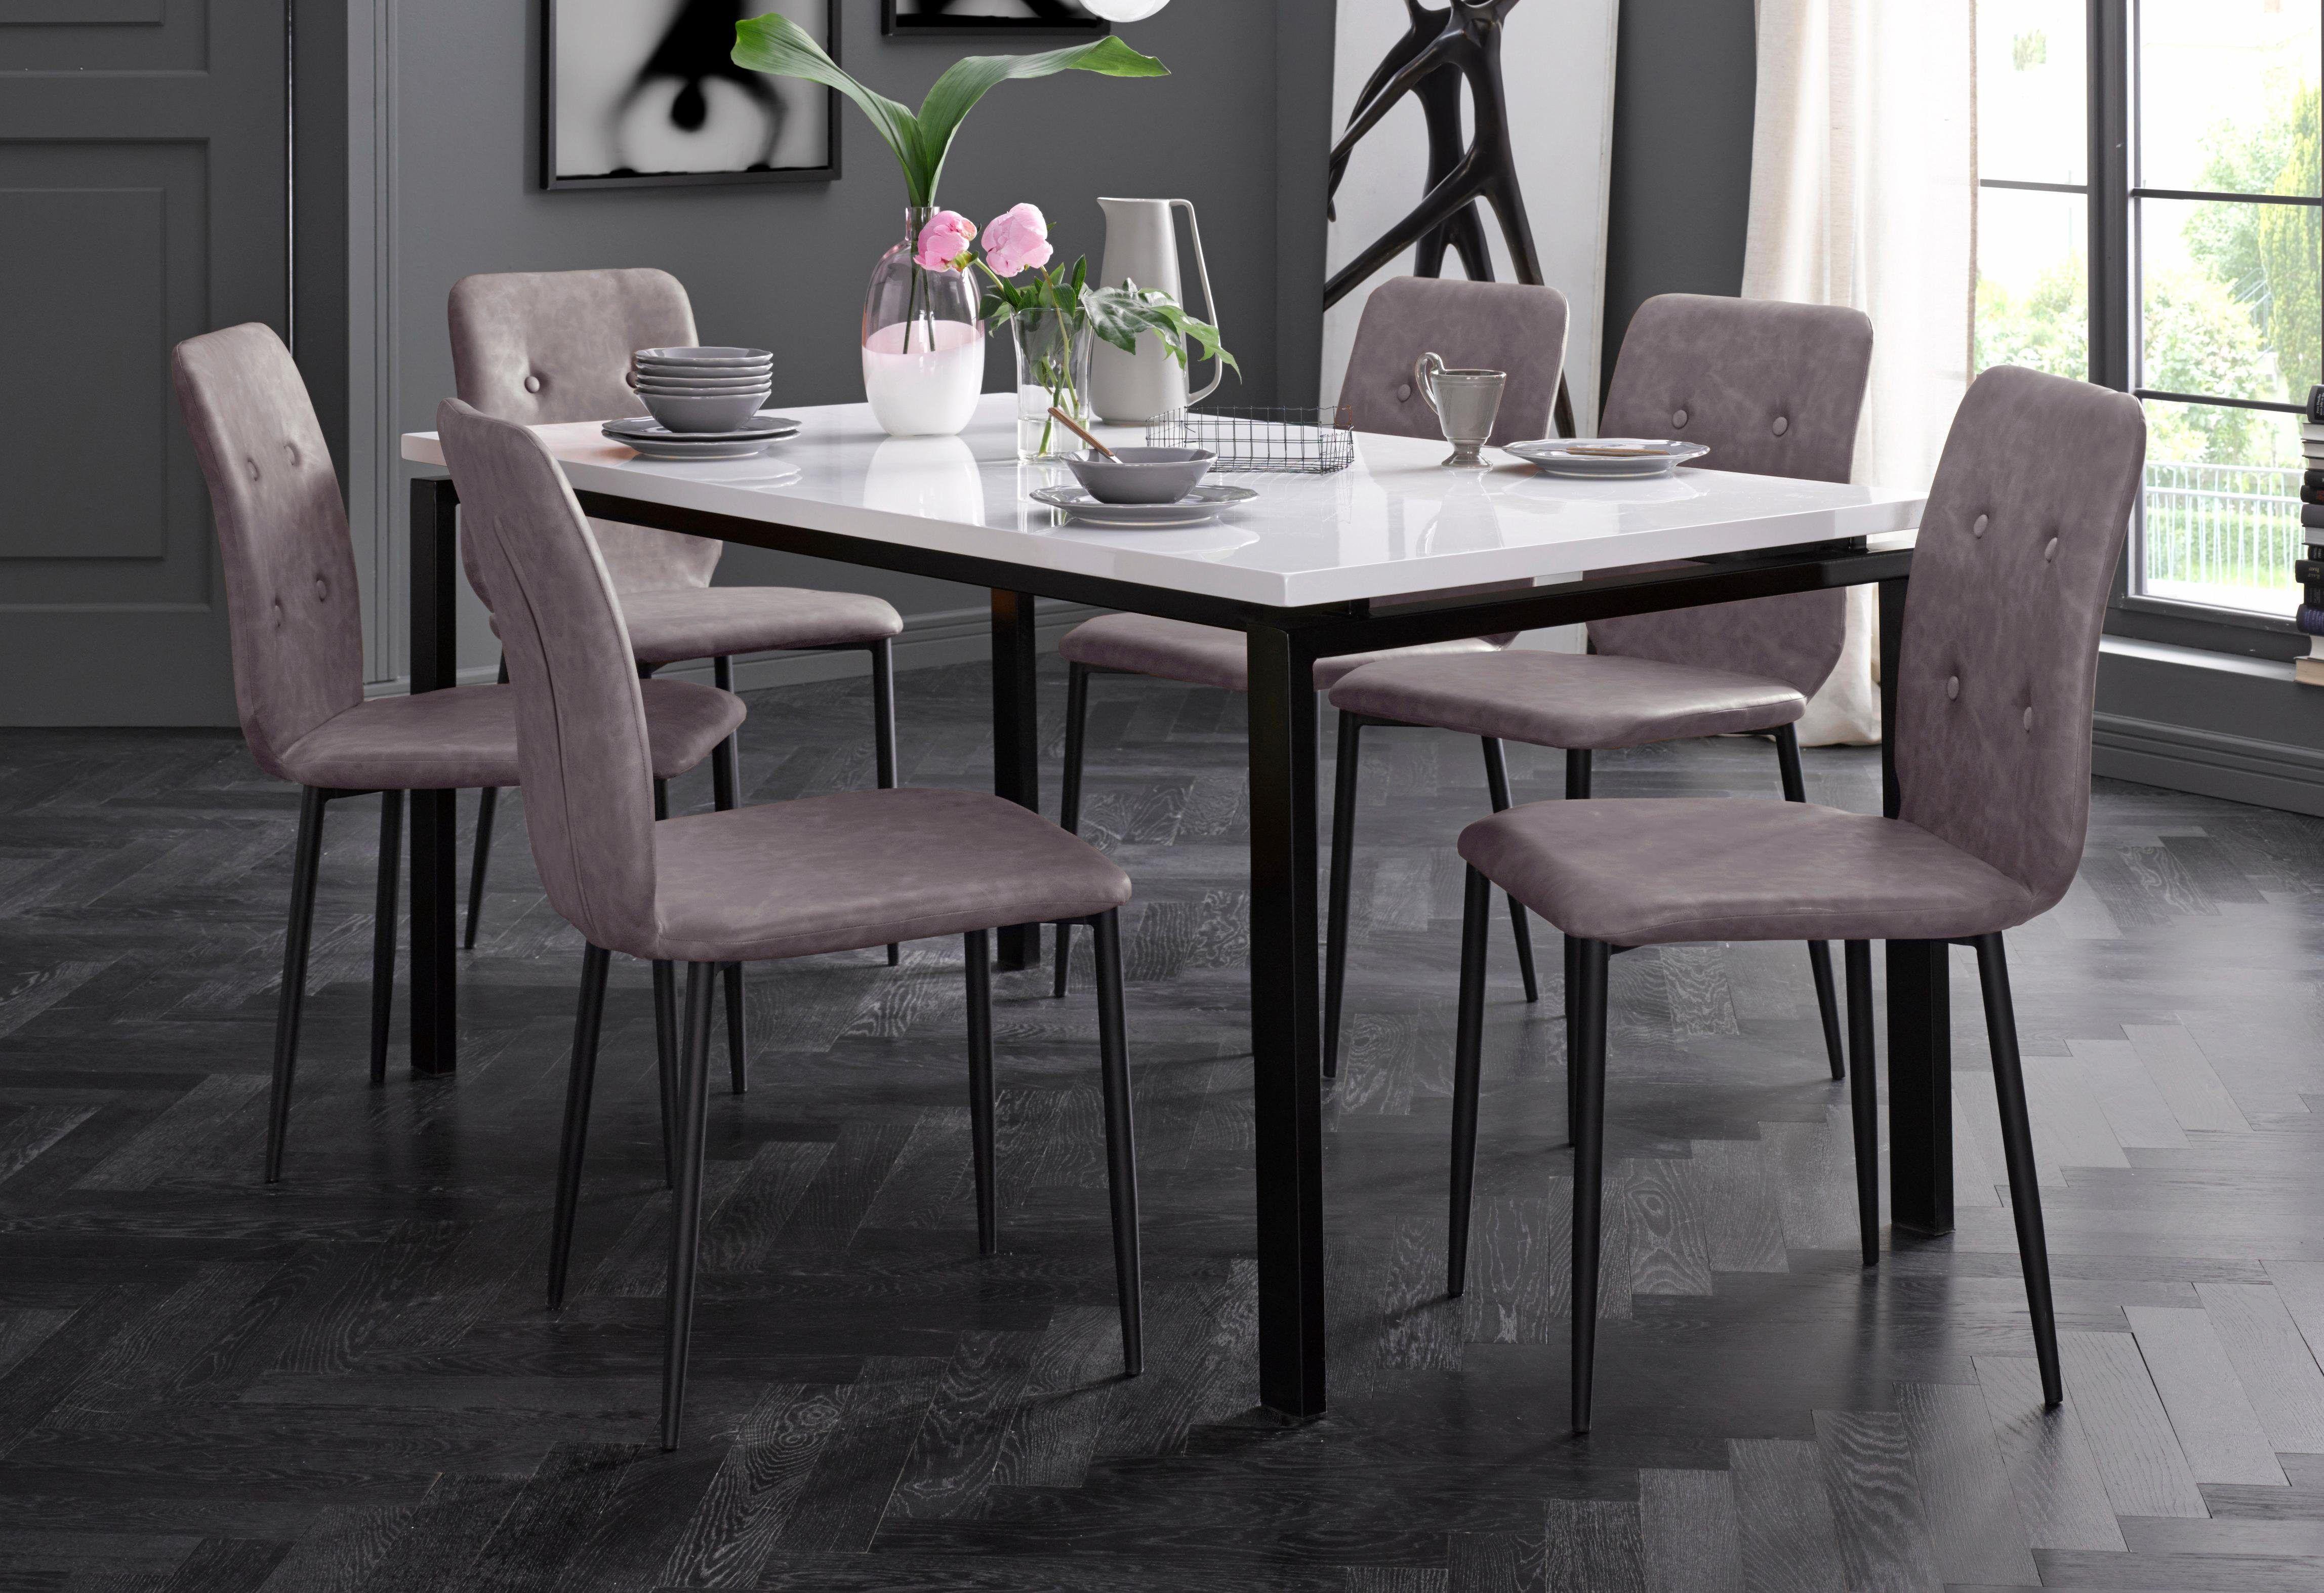 Stühle (2 Stück) braun, pflegeleichtes Kunstleder